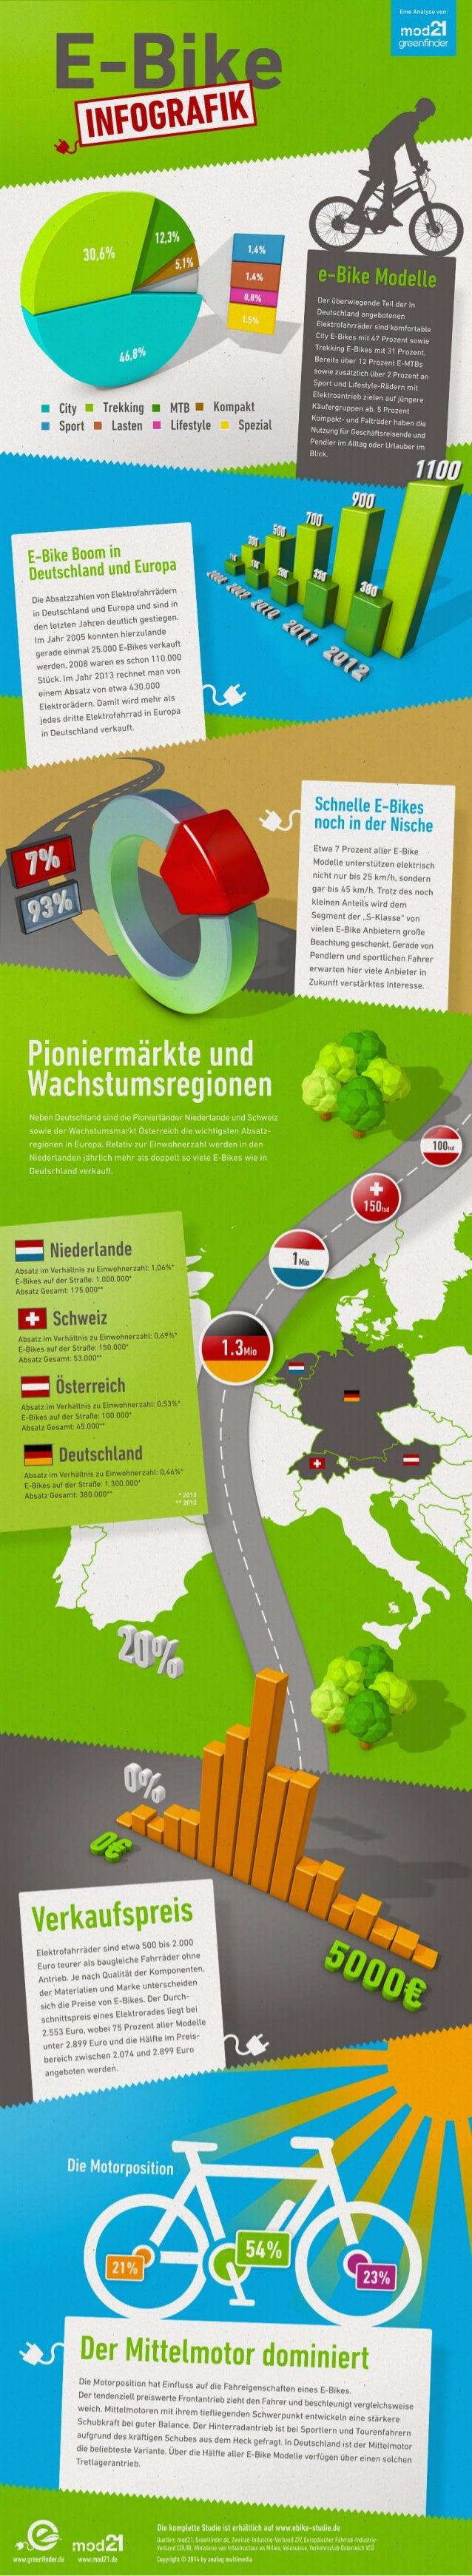 E bike studie 2014 mod21-greenfinder_infografik